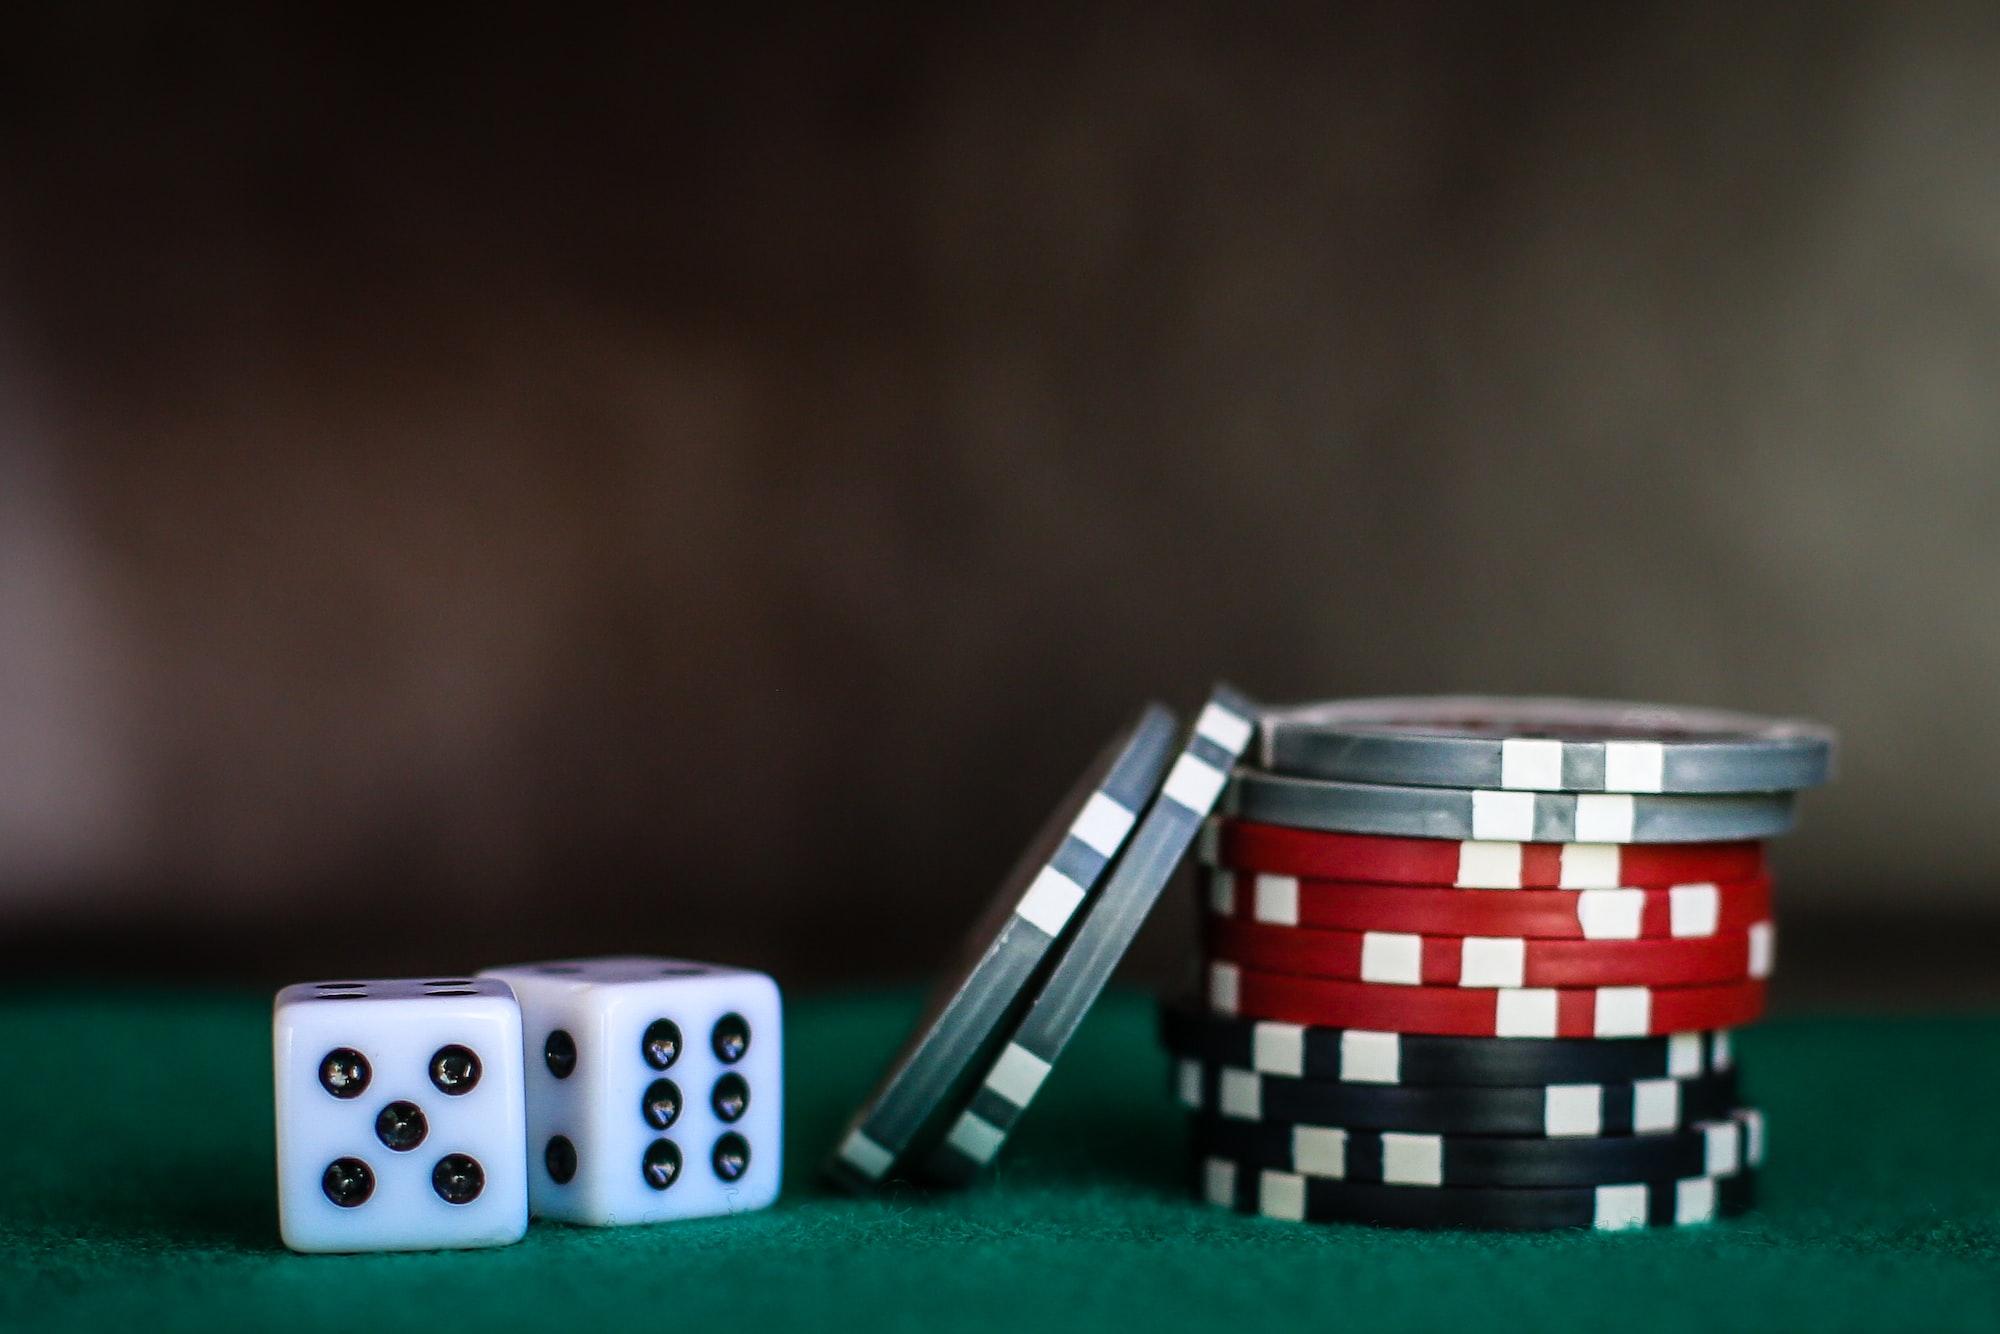 Estrazioni Lotto, Superenalotto e 10eLotto 10/07/21: i numeri vincenti